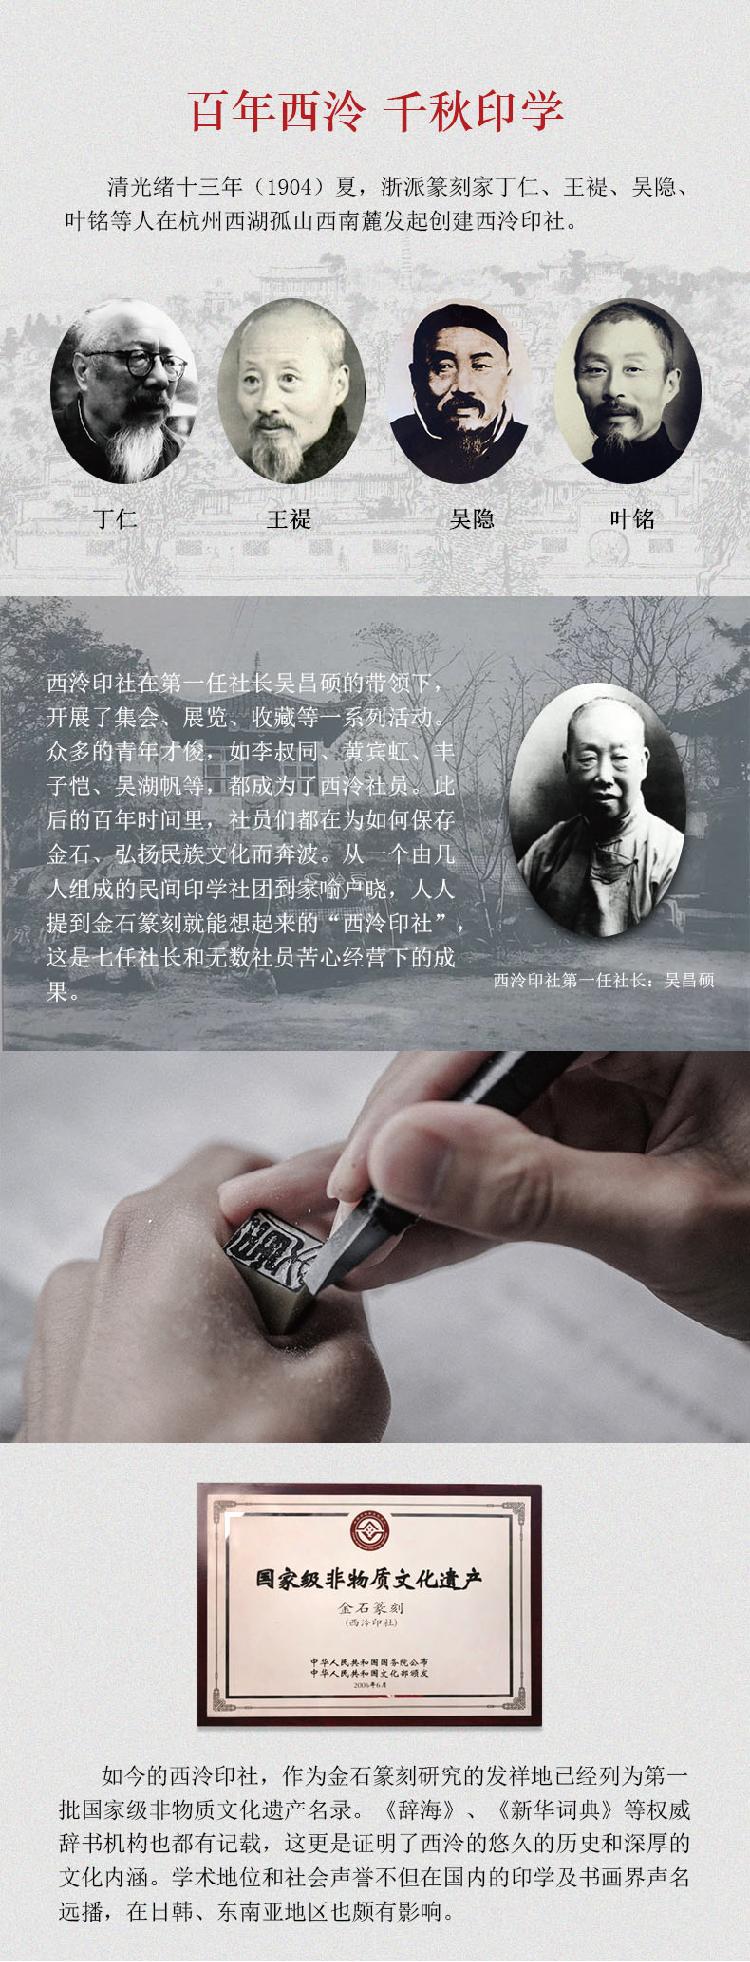 14日手账+橡皮章详情页-19.jpg